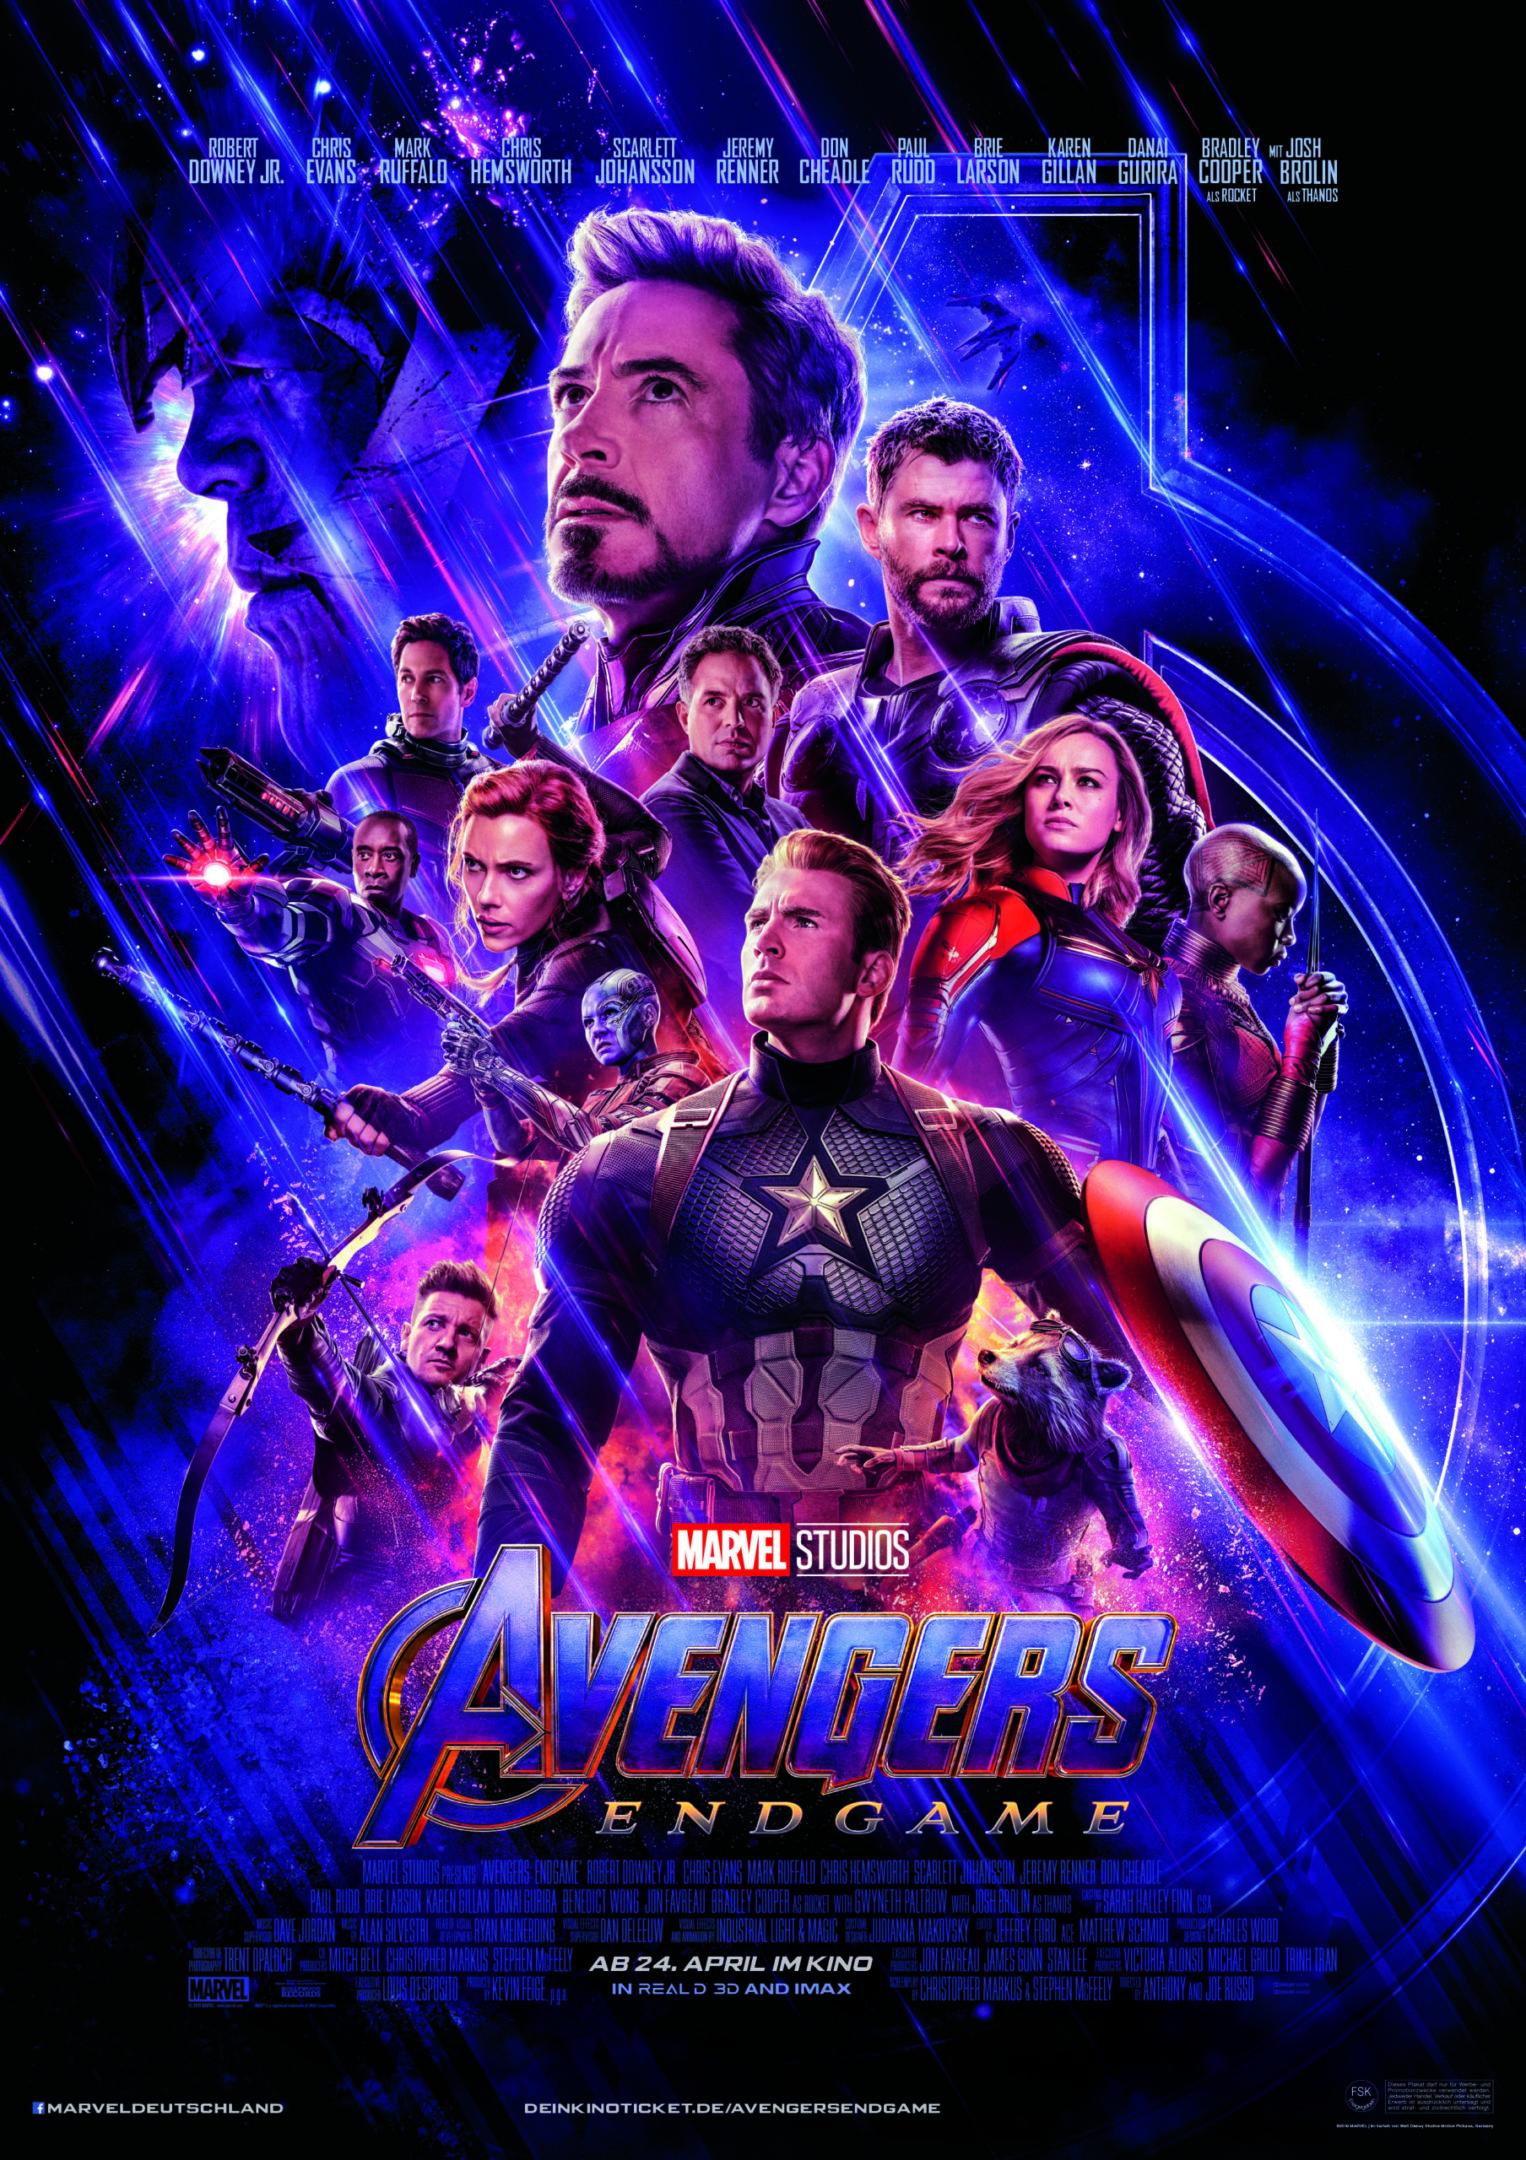 004503_02_Avengers4_HP_RZ_mitStartdatum.indd